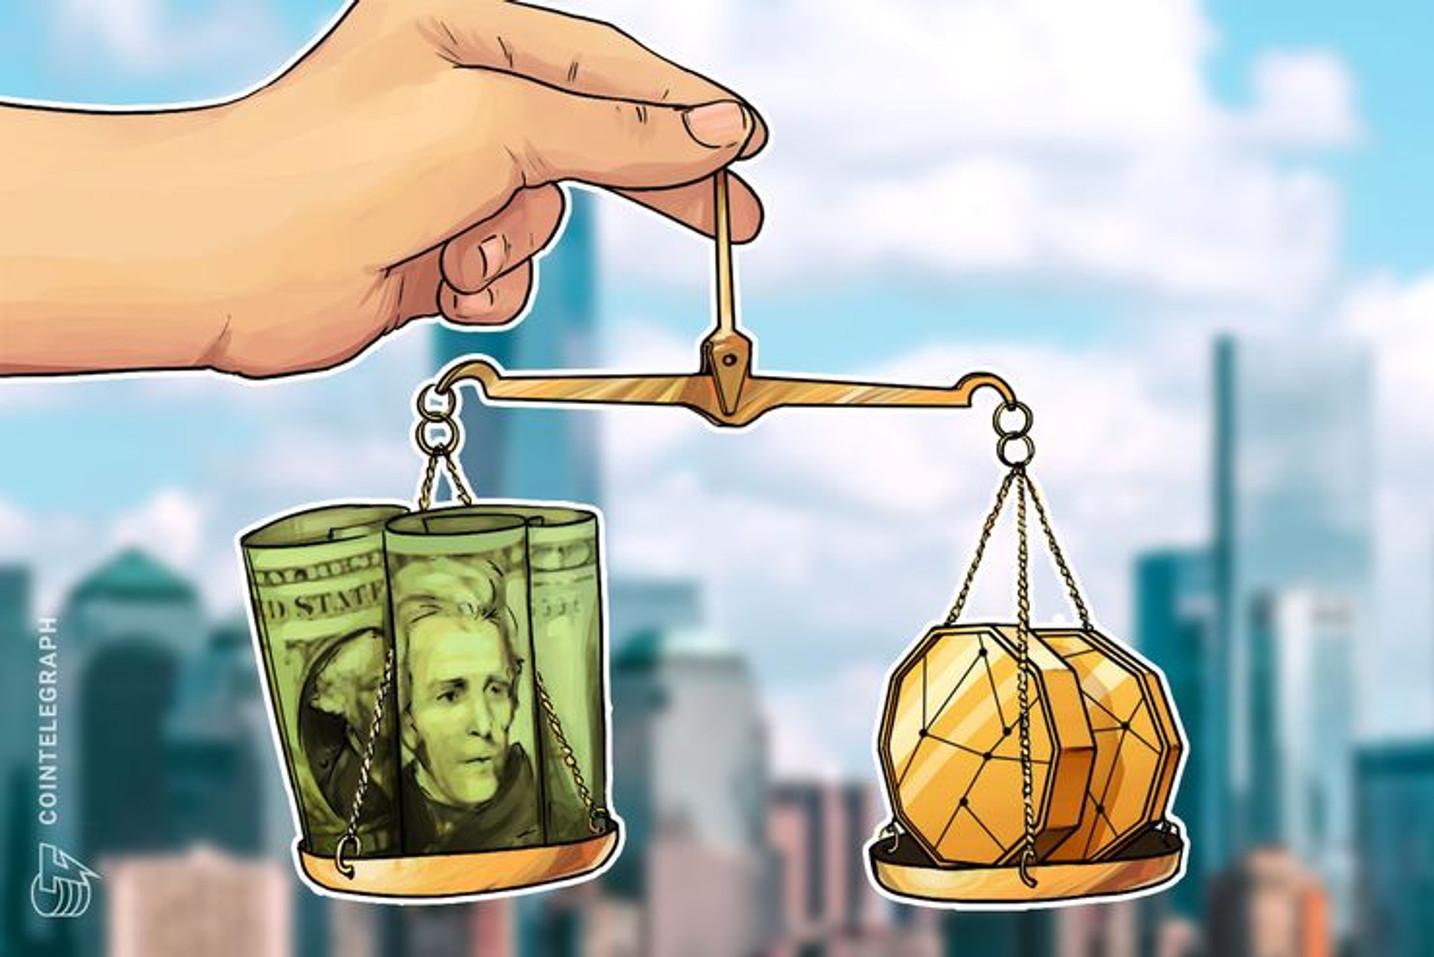 仮想通貨取引所フォビ創業者「ステーブルコインは仮想通貨産業のインフラ」【アラート】